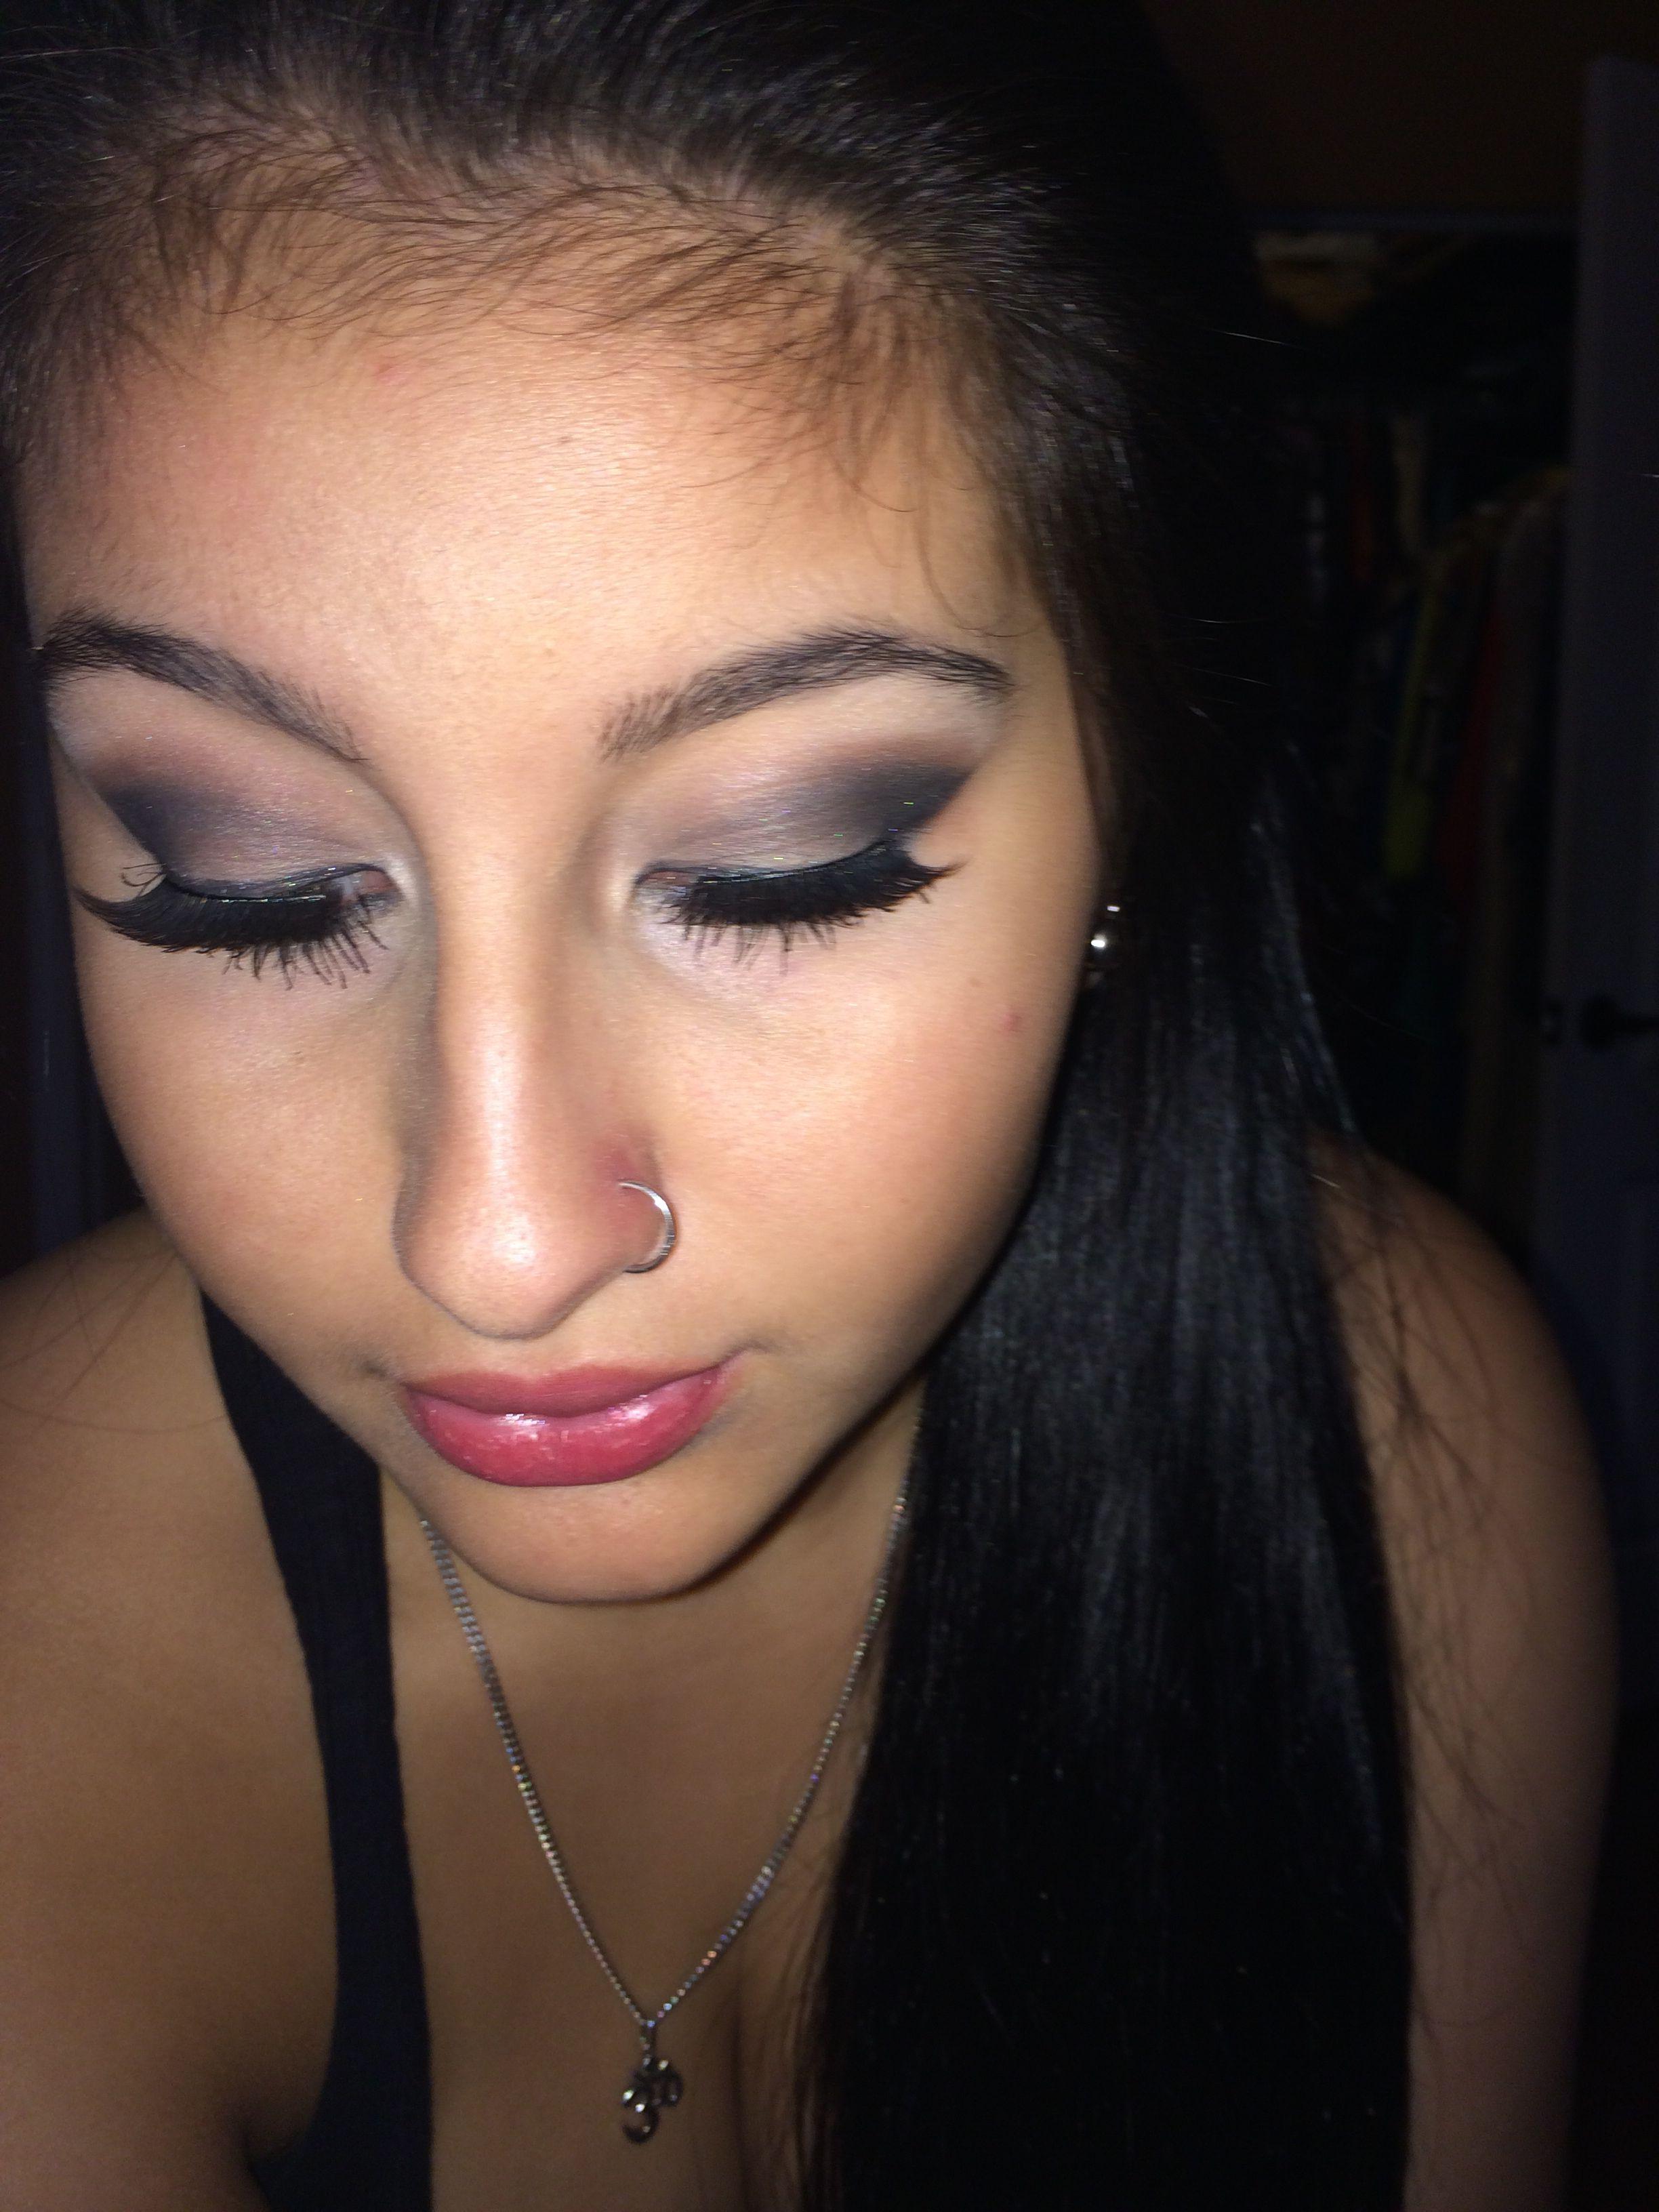 Smokey eye (With images) Smokey eye, Nose ring, Makeup